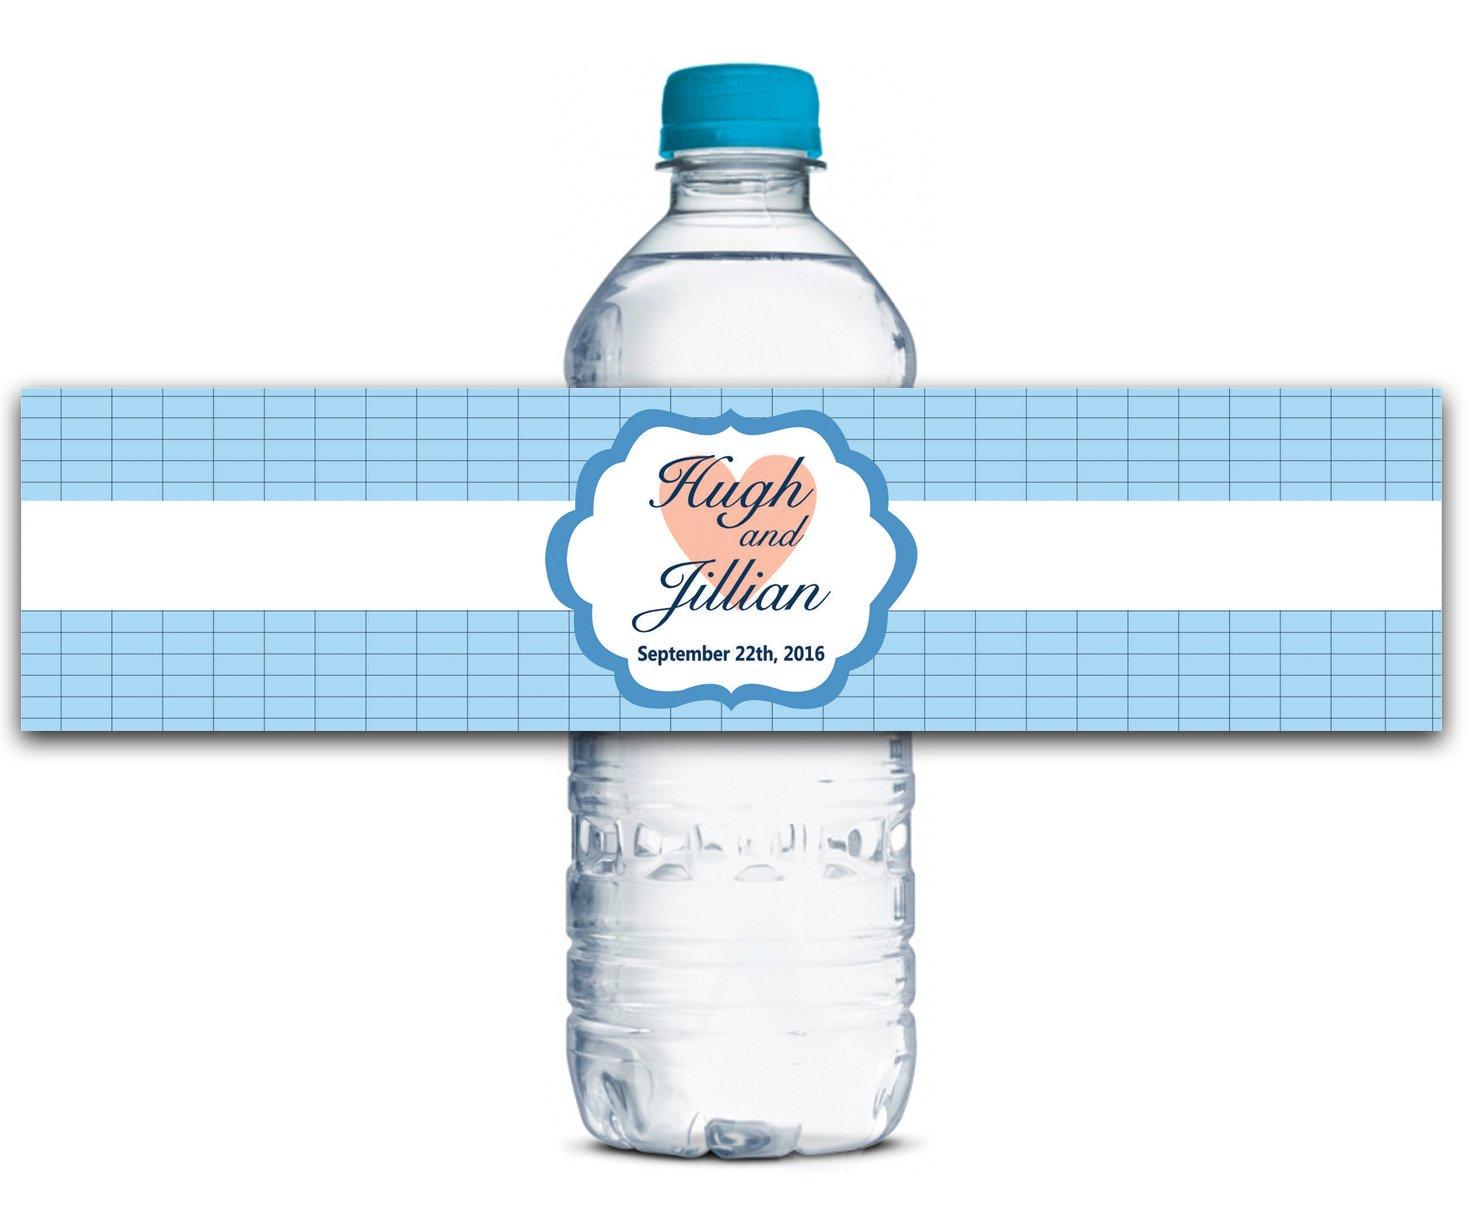 Personalisierte Wasserflasche Etiketten Selbstklebende wasserdichte Kundenspezifische Hochzeits-Aufkleber 8  x x x 2  Zoll - 50 Etiketten B01A0W17R2   Sehen Sie die Welt aus der Perspektive des Kindes  a009fe